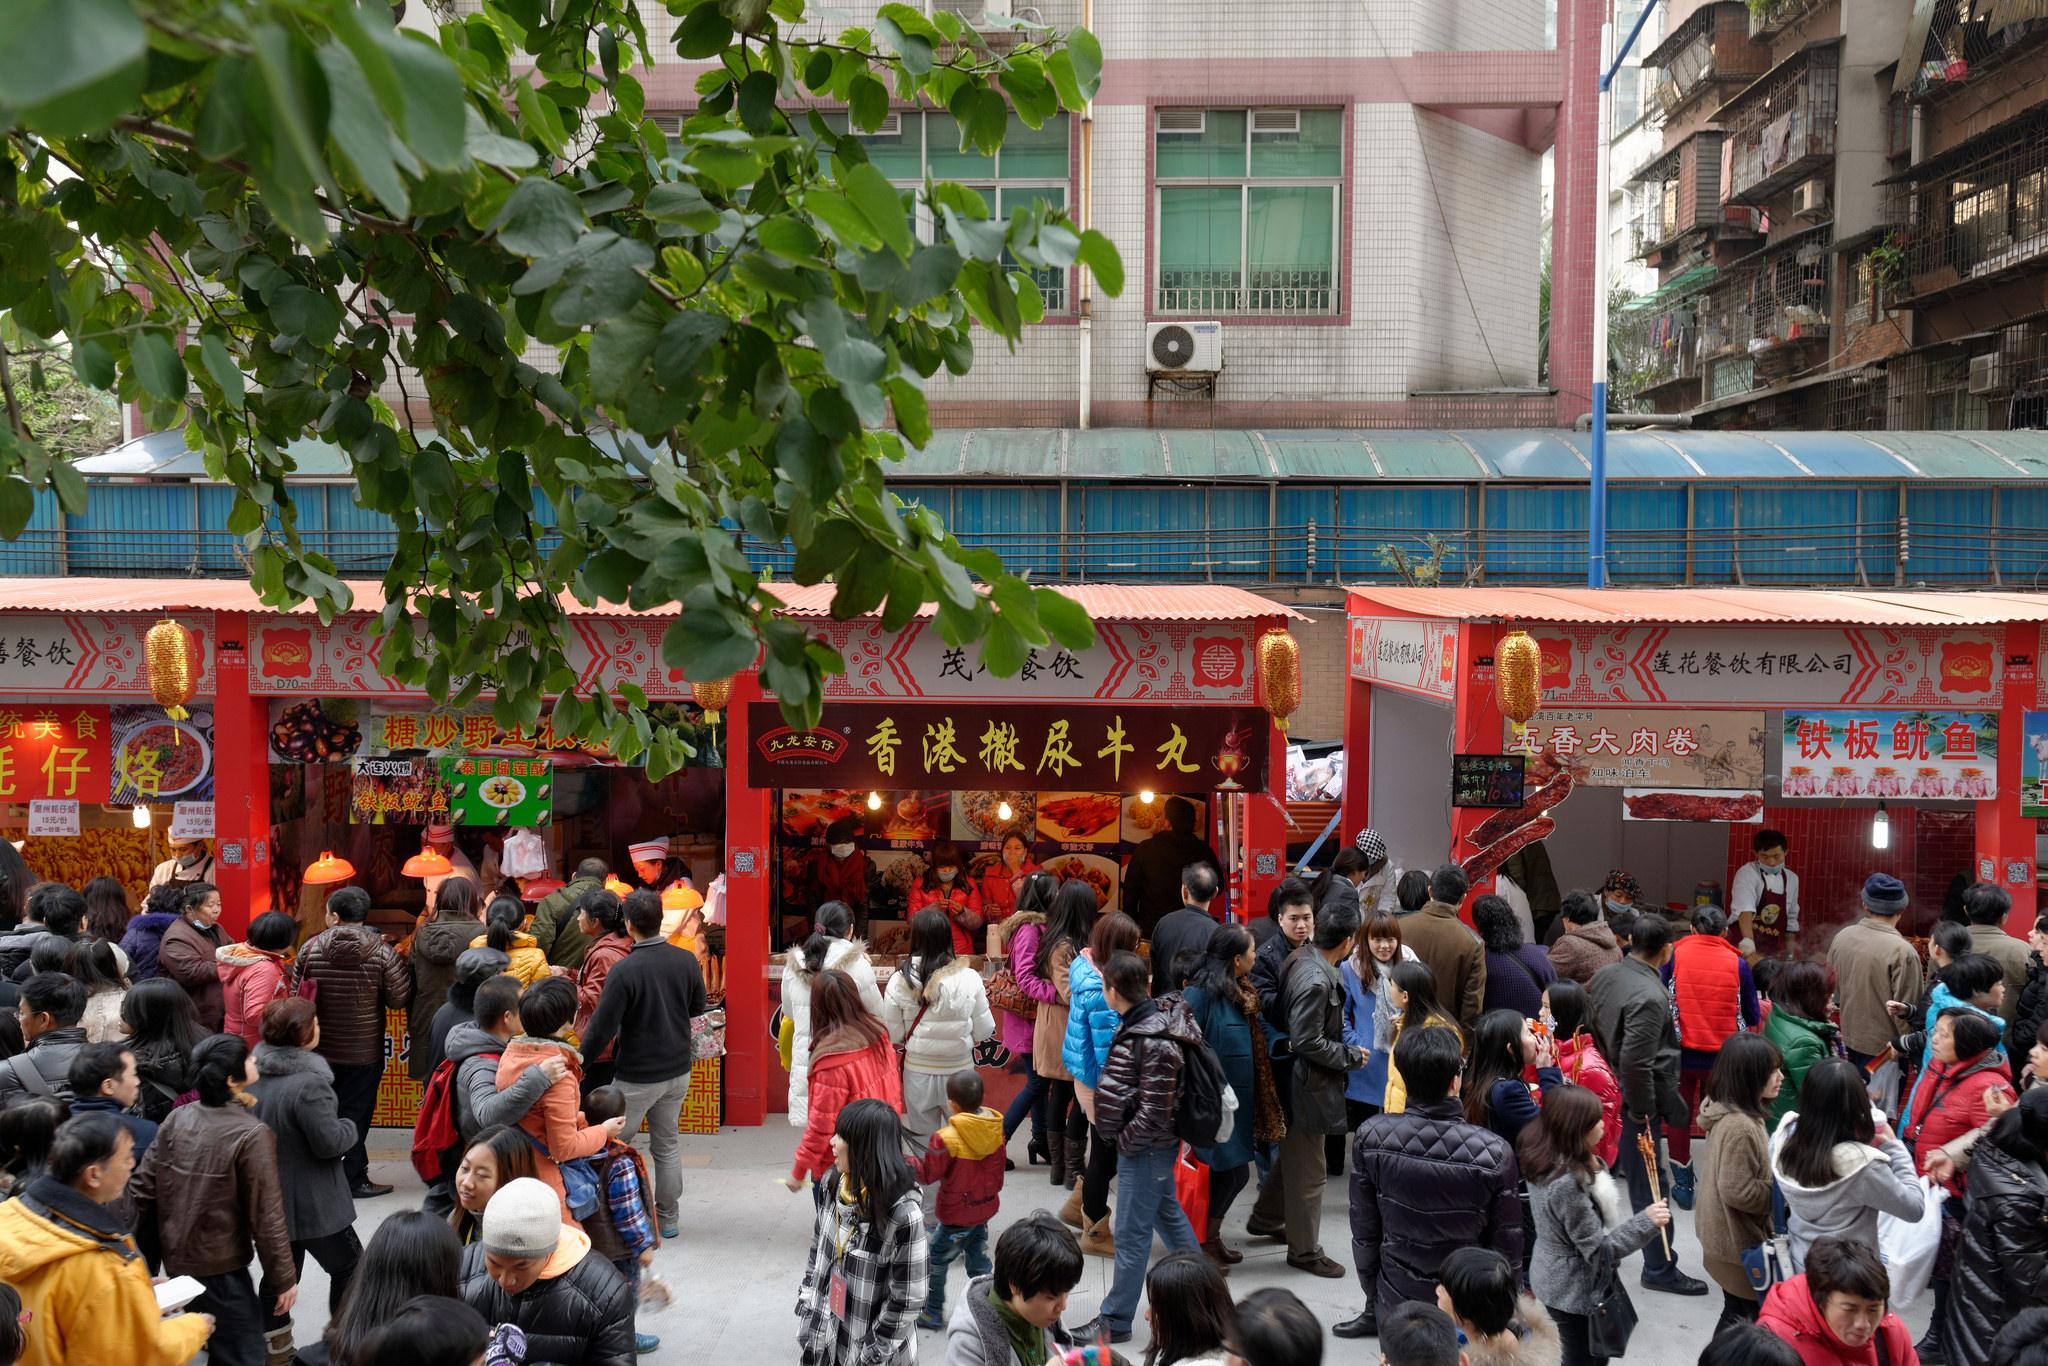 Храмовая ярмарка Гуанчжоу